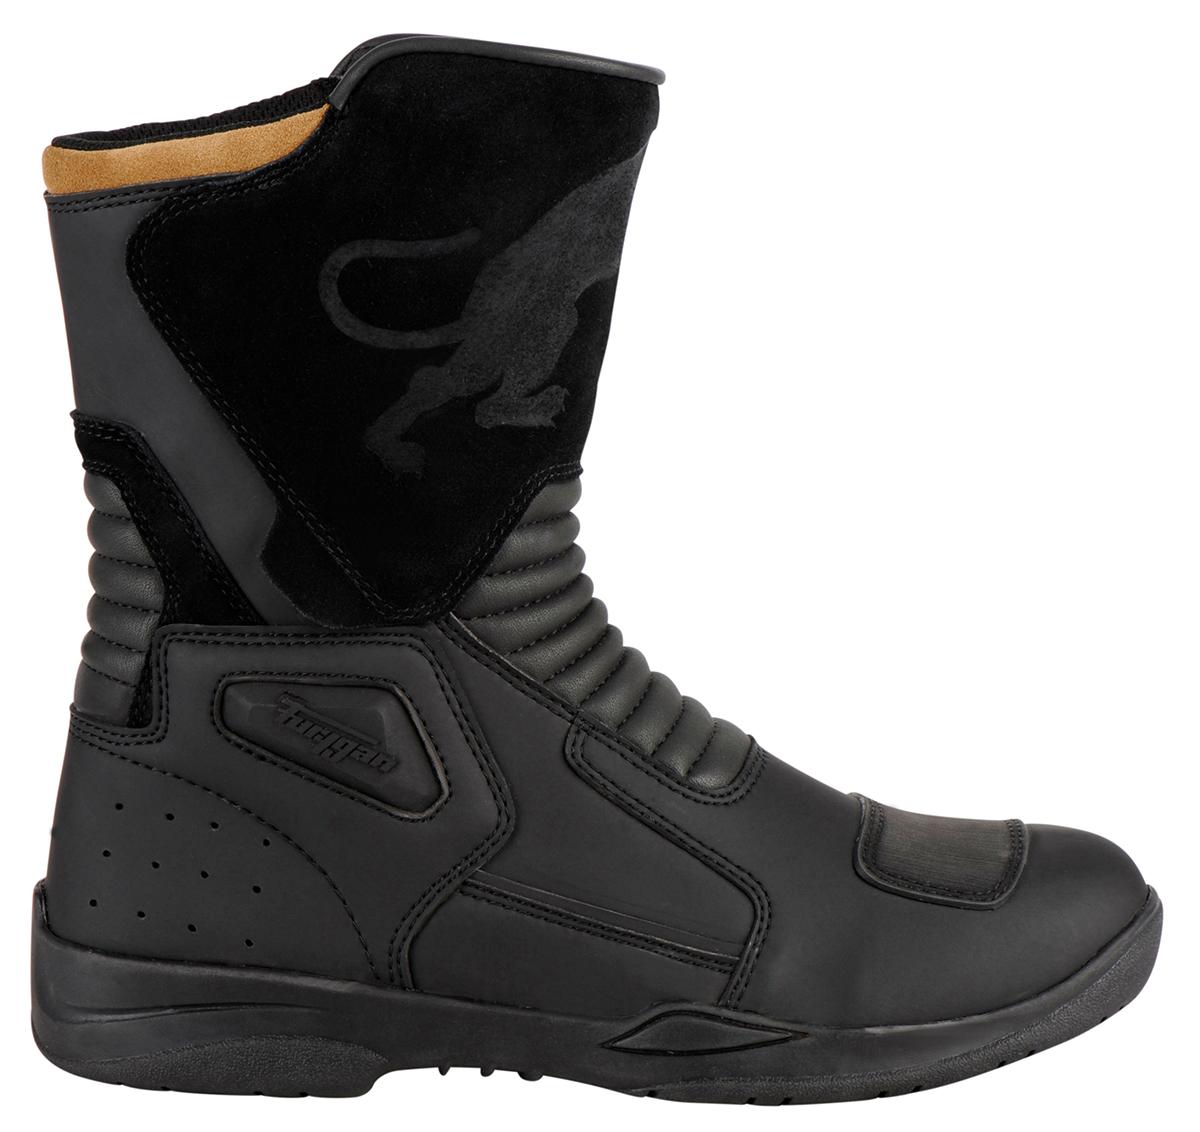 Furygan 3131-1 Boot GT D3O Black 37